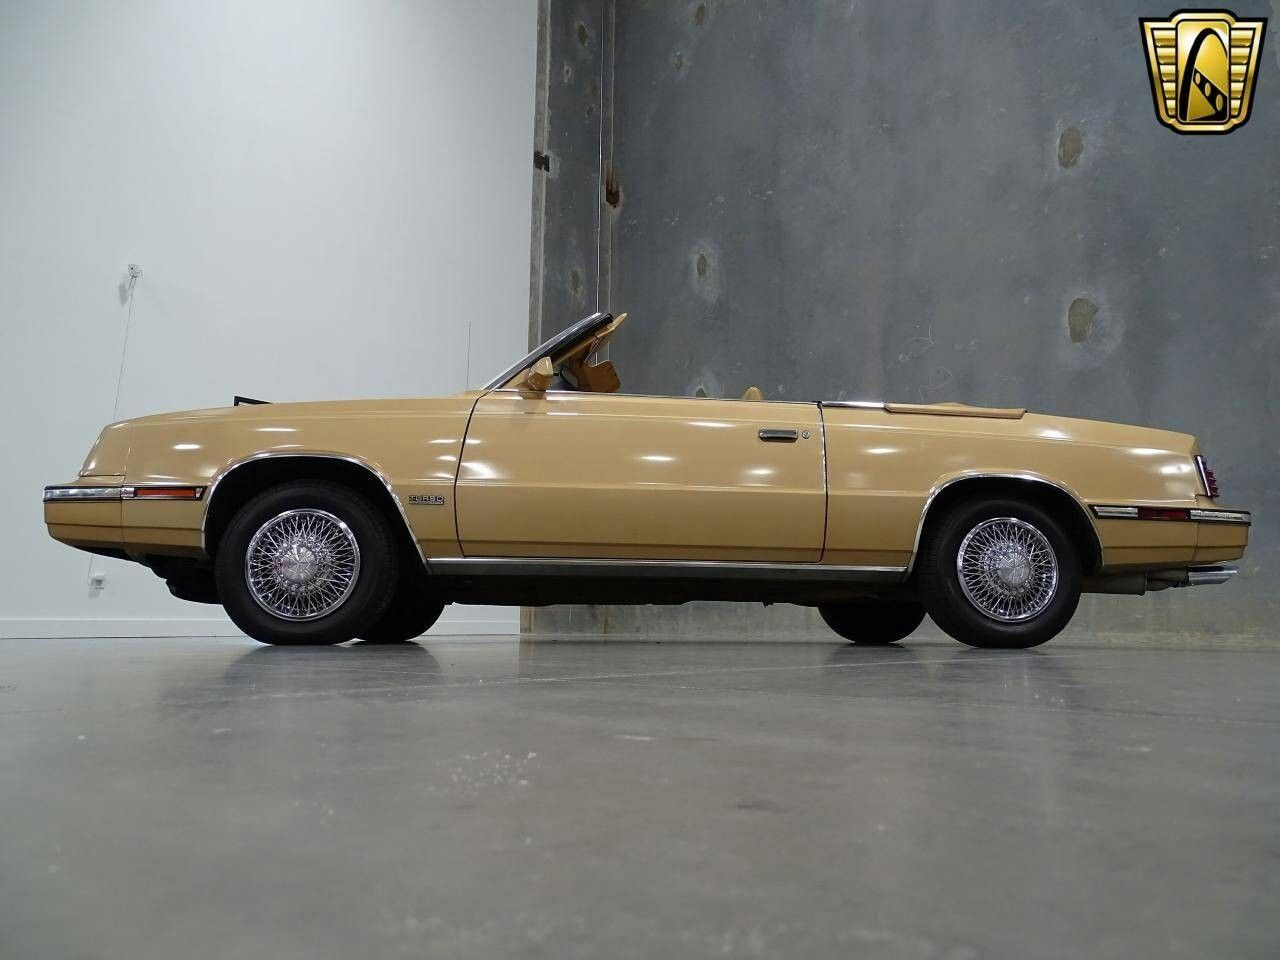 1985 Chrysler Lebaron Convertible With Images Chrysler Lebaron